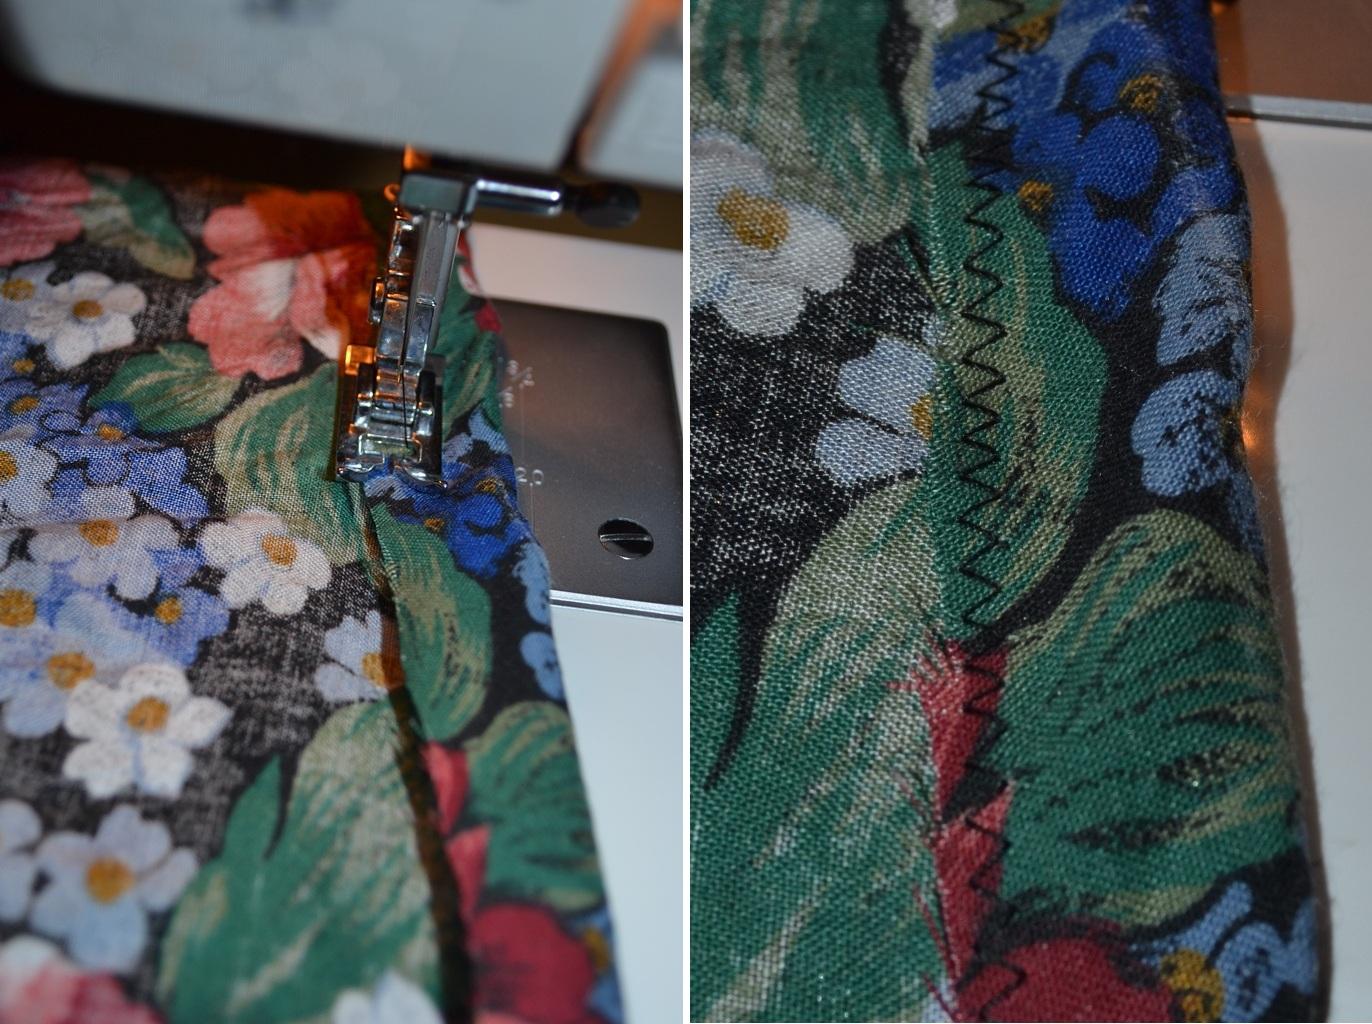 Мастер-класс стилиста: цветочные шорты из бабушкиной юбки - фото №3